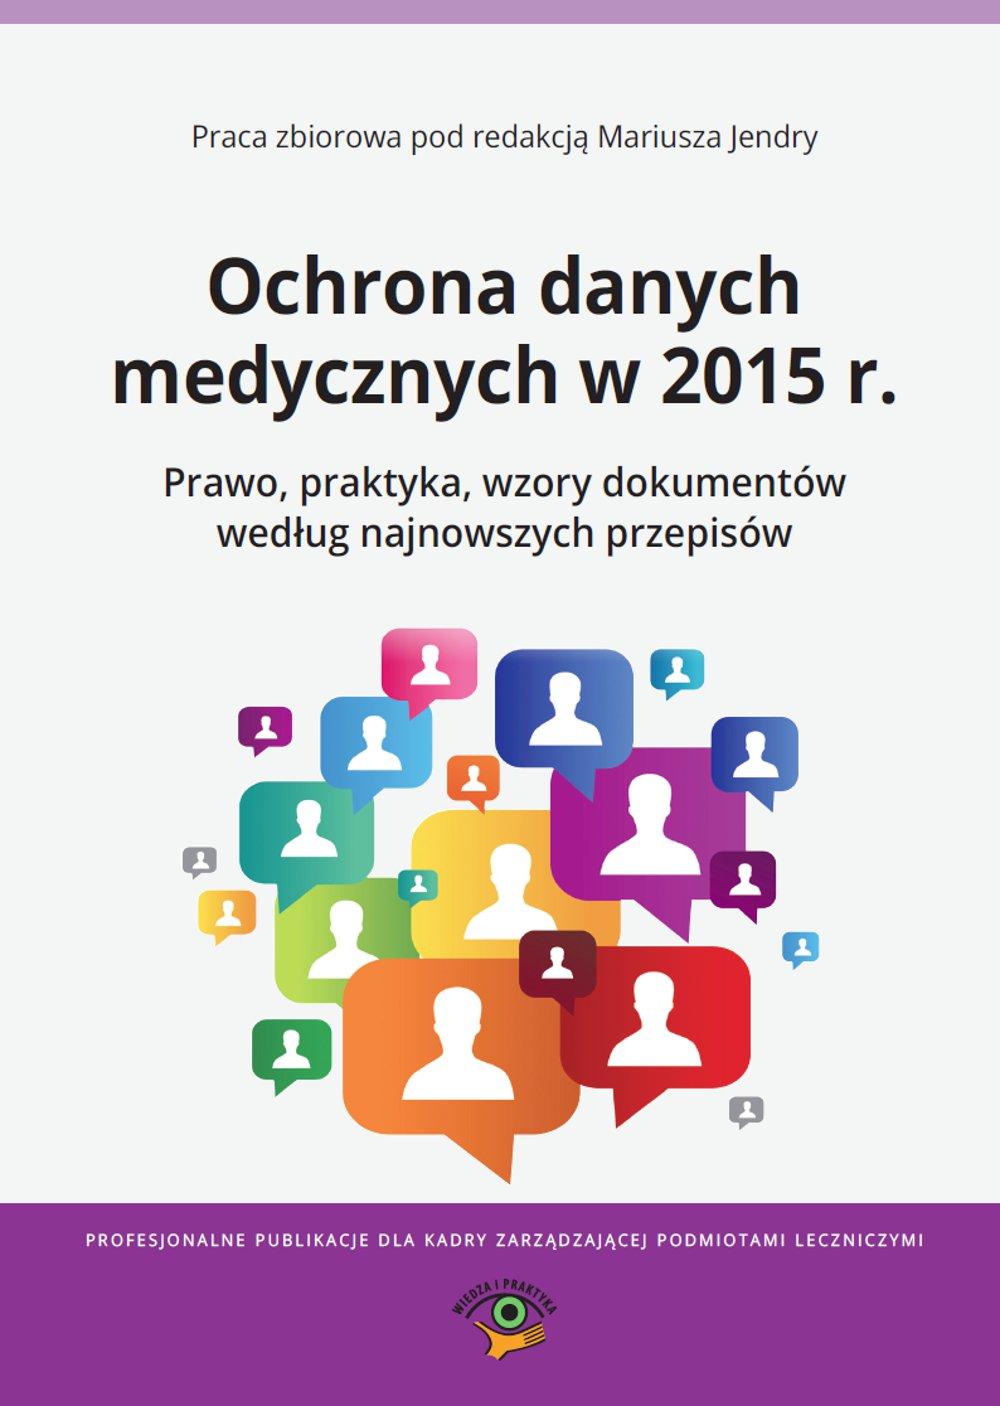 Ochrona danych medycznych w 2015 r. Prawo, praktyka, wzory dokumentów według najnowszych przepisów - Ebook (Książka EPUB) do pobrania w formacie EPUB